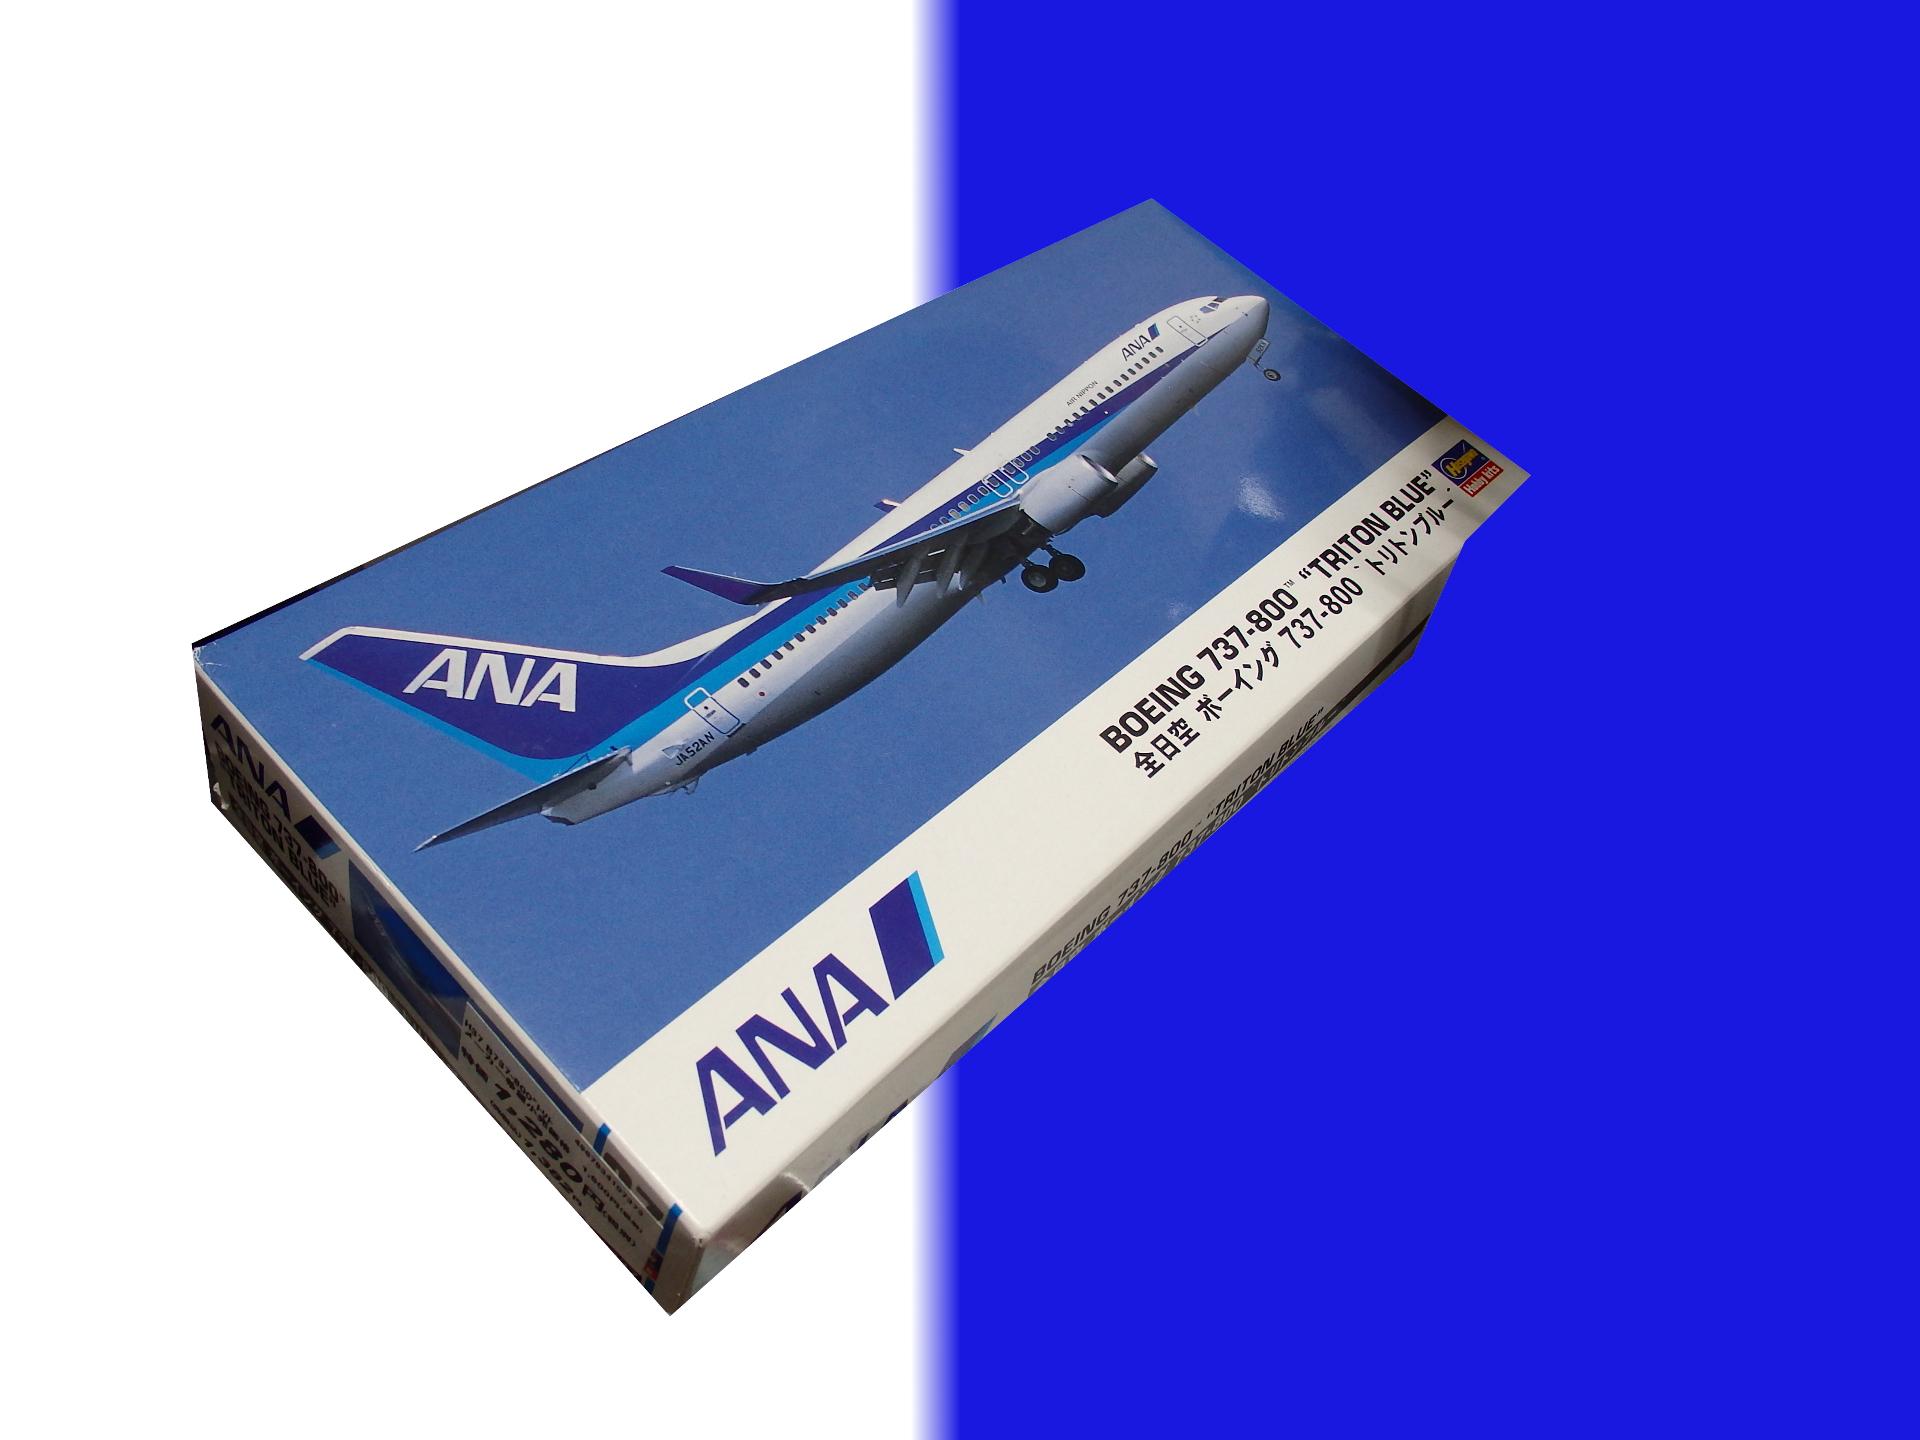 ANA B737-800のキットです。